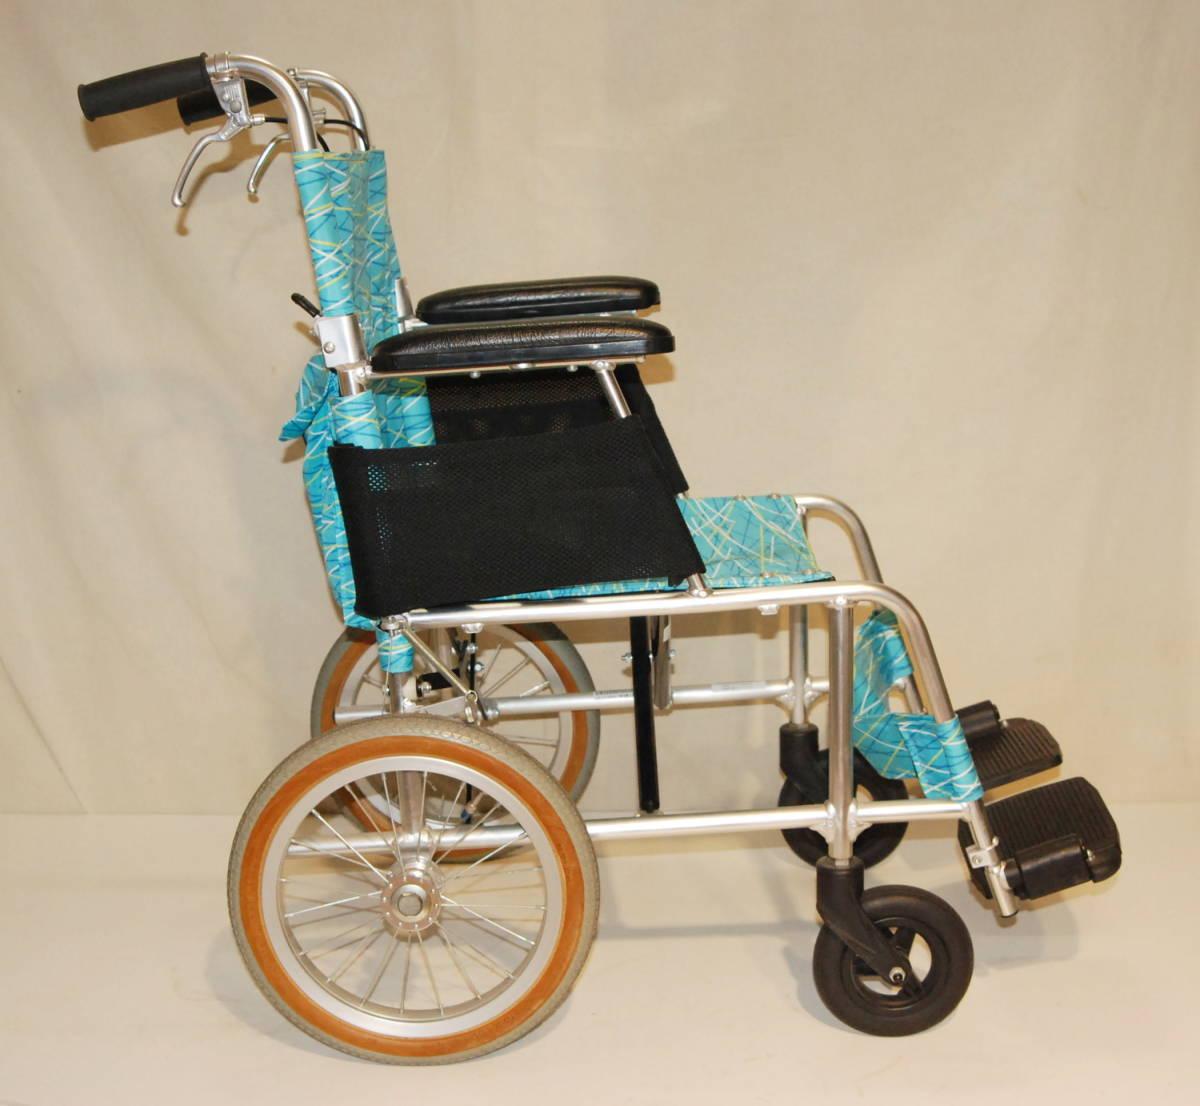 日進医療器 Nissin 車椅子 NAH-L7F 介護式 超軽量型 アルミ製超軽量型介護型車イス 車いす アルミ製_画像7